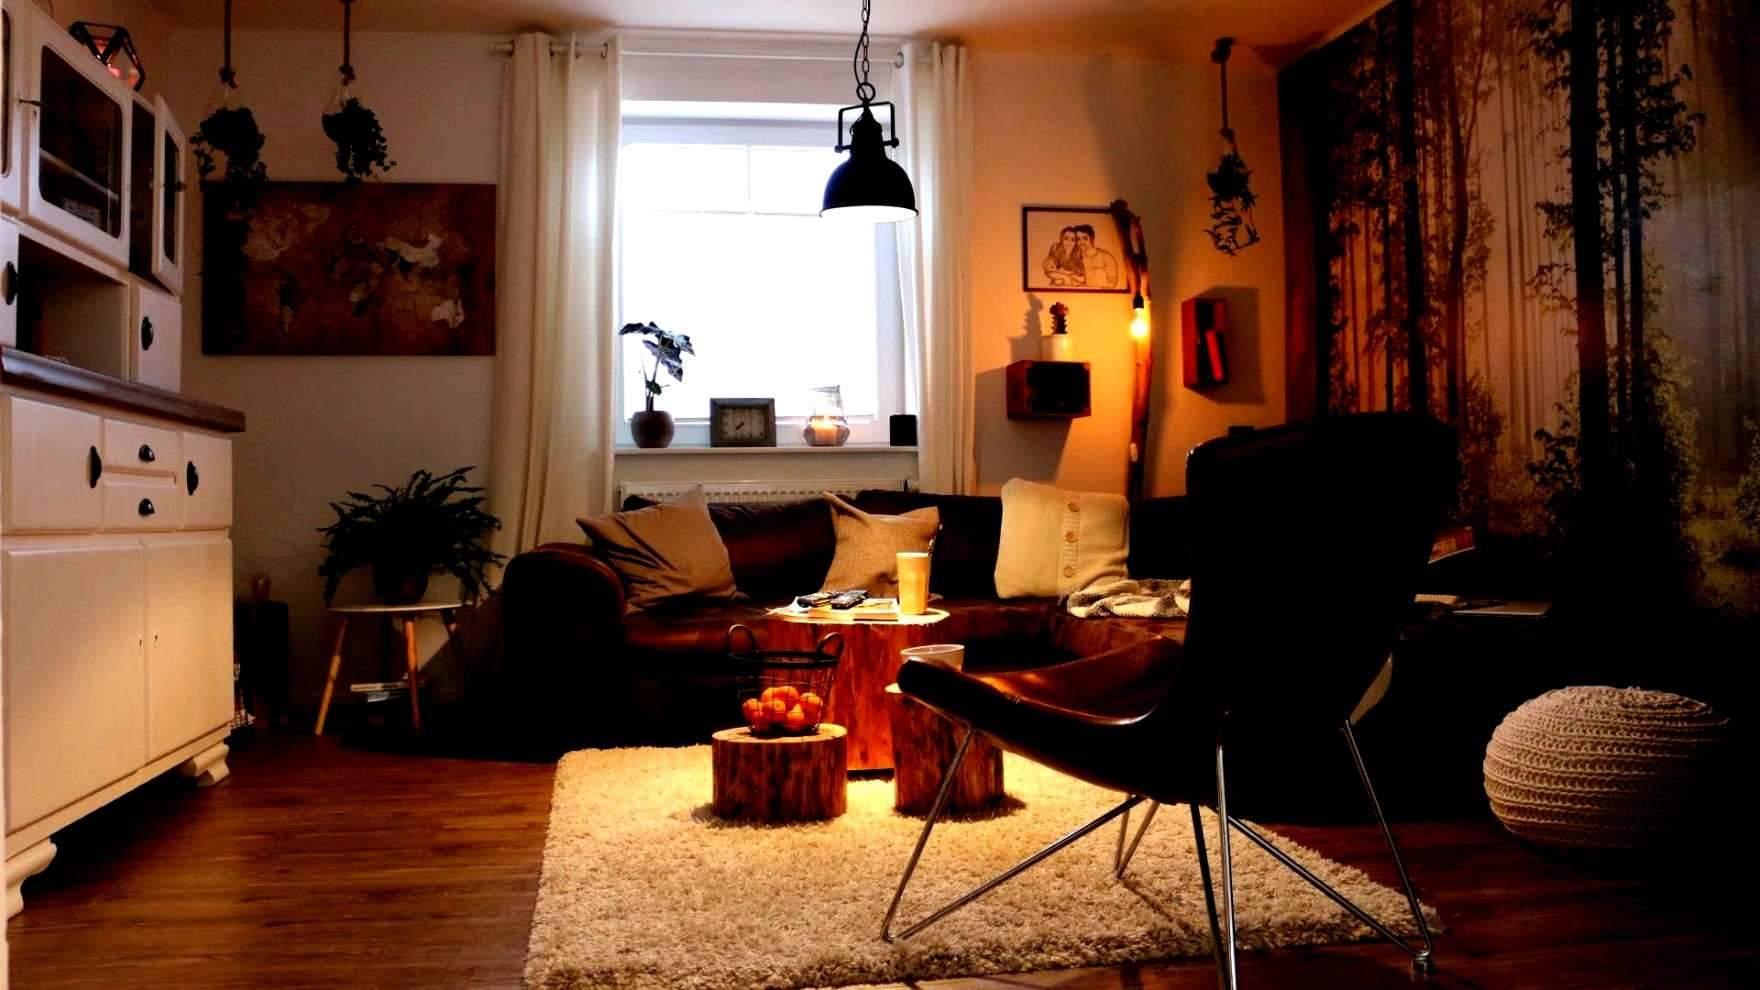 Deko Ideen Für Garten Schön 26 Neu Wohnzimmer Ideen Für Kleine Räume Frisch